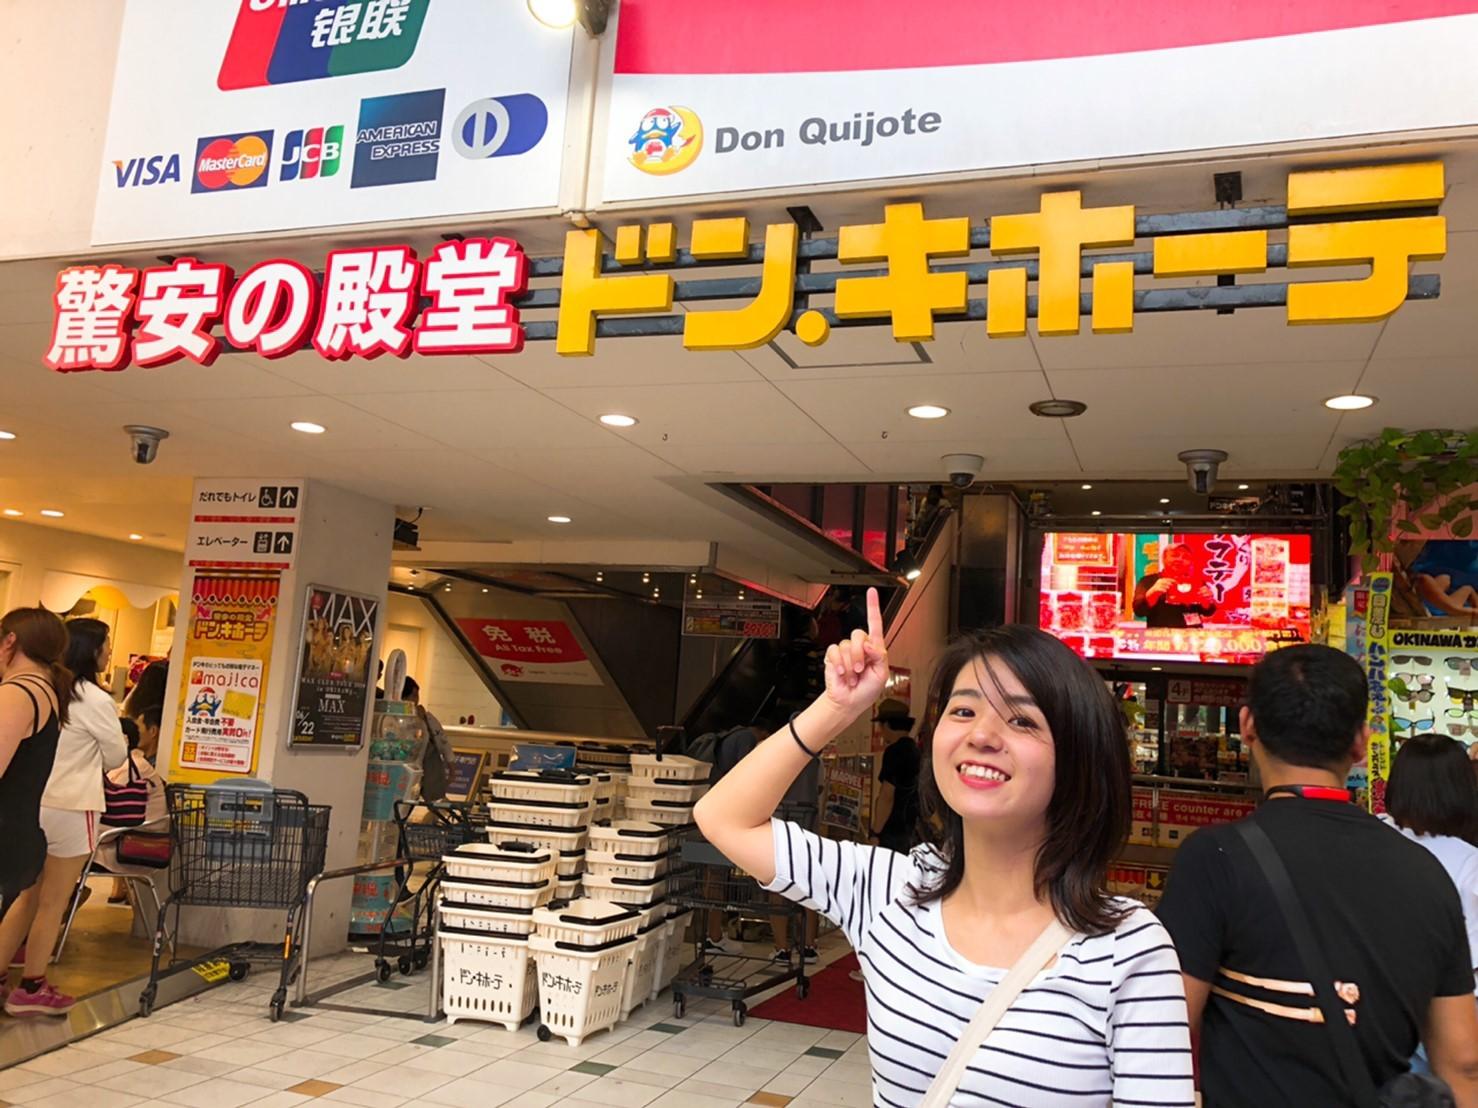 沖縄のバラマキ土産ならコレ!《ドン・キホーテ編》